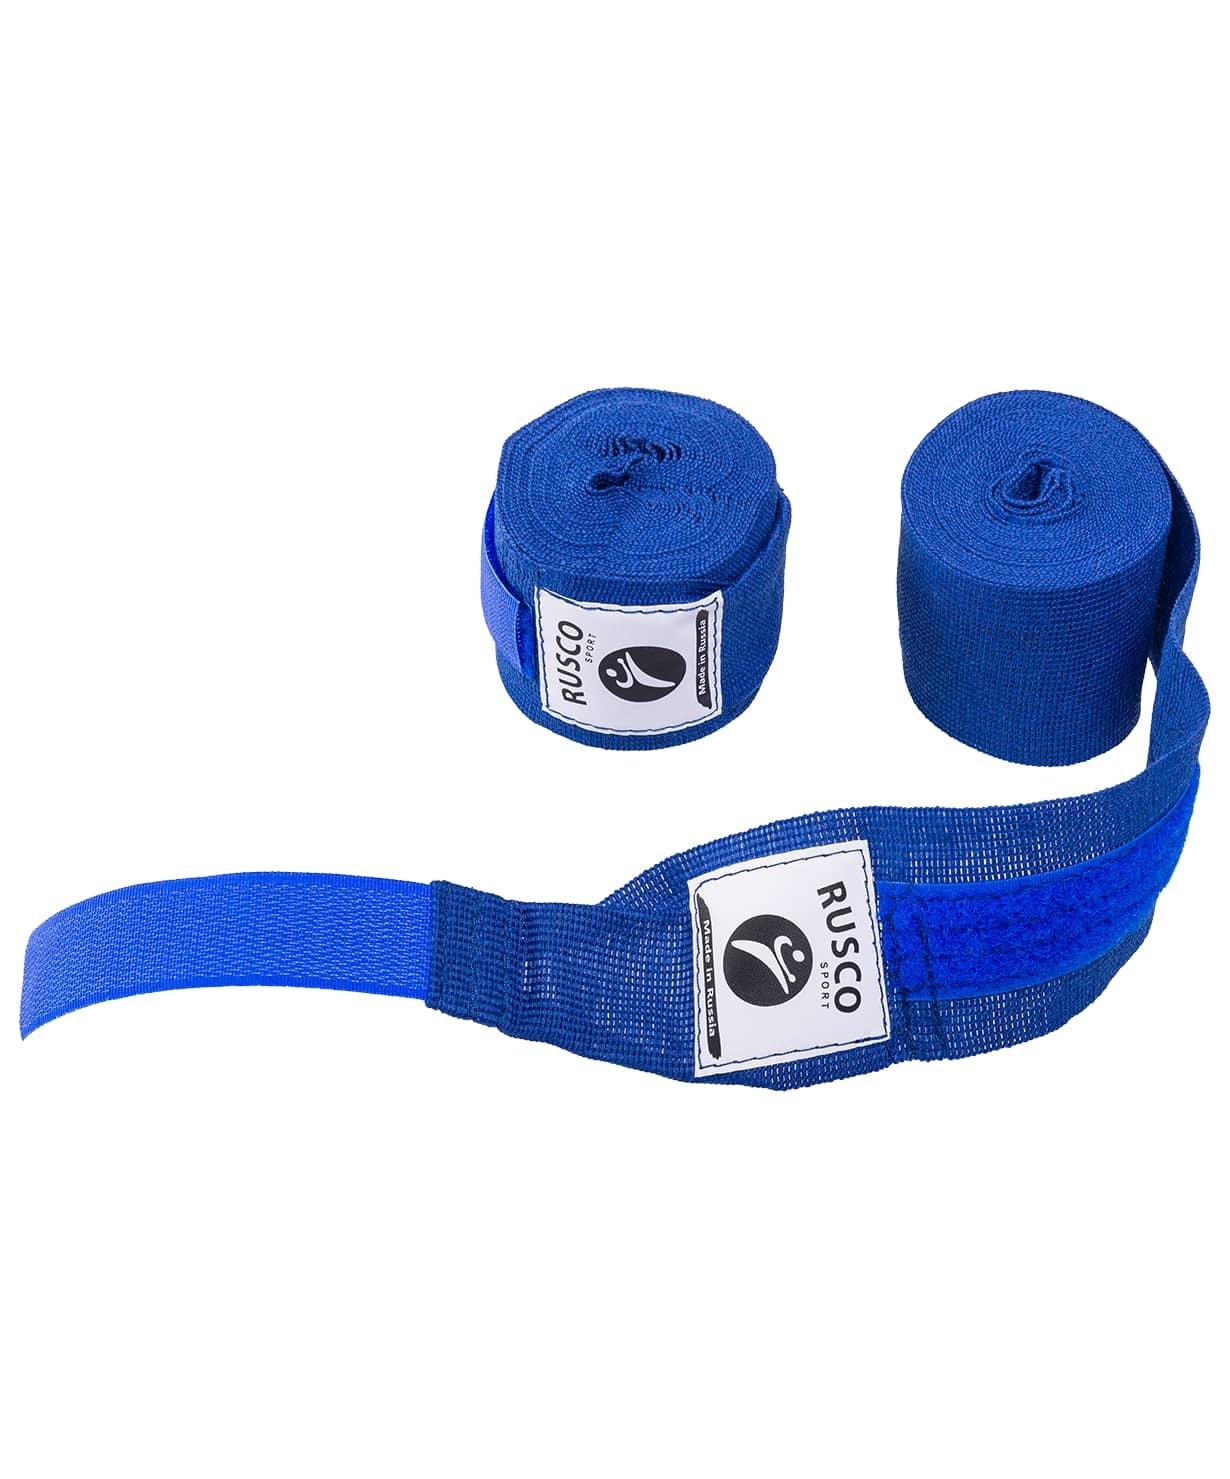 Бинт боксерский, 4,5 м, хлопок, синий